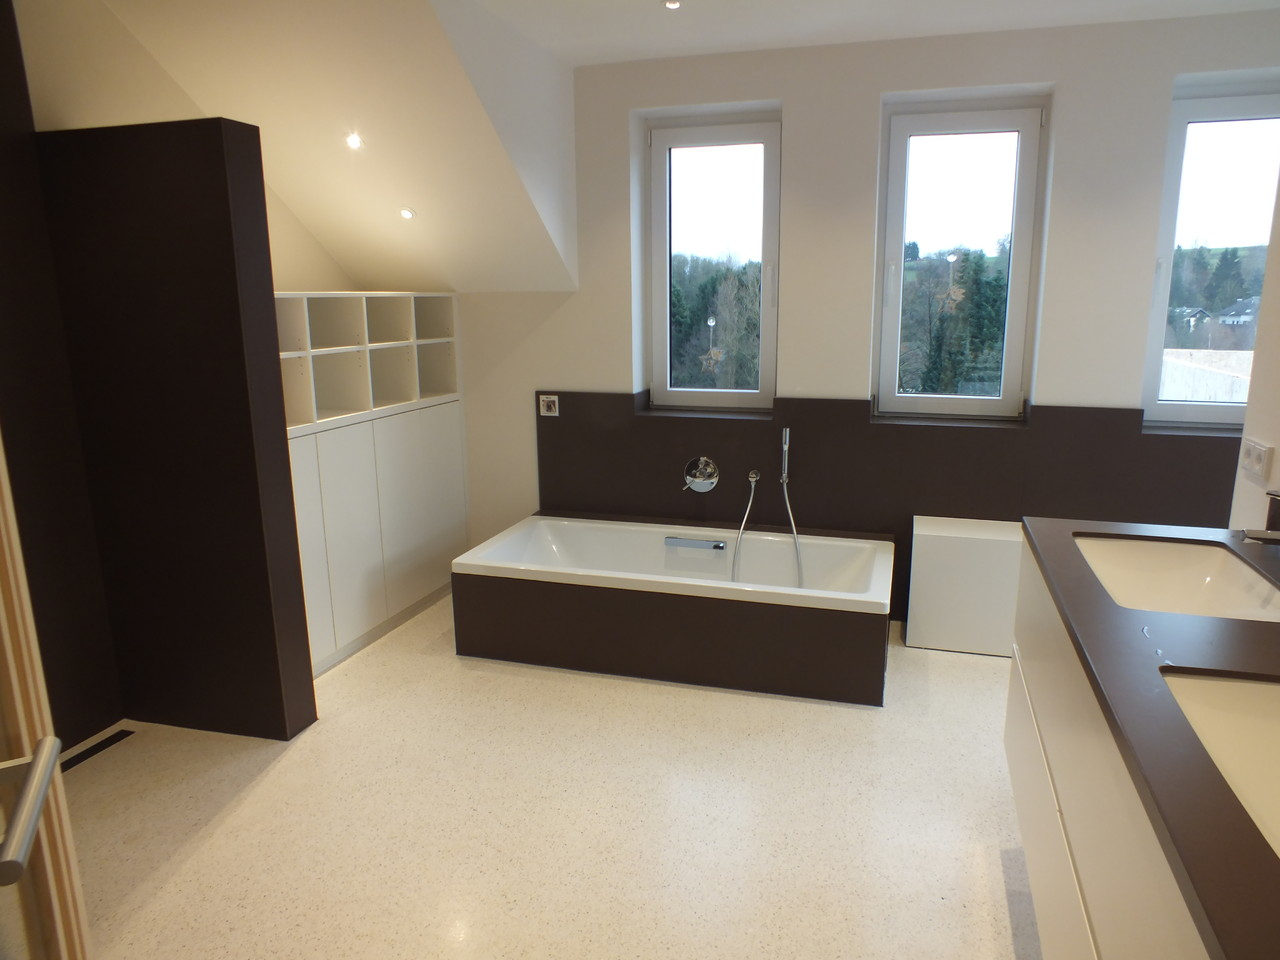 Das wartungsfreie fugenlose Badezimmer - Terrazzoböden